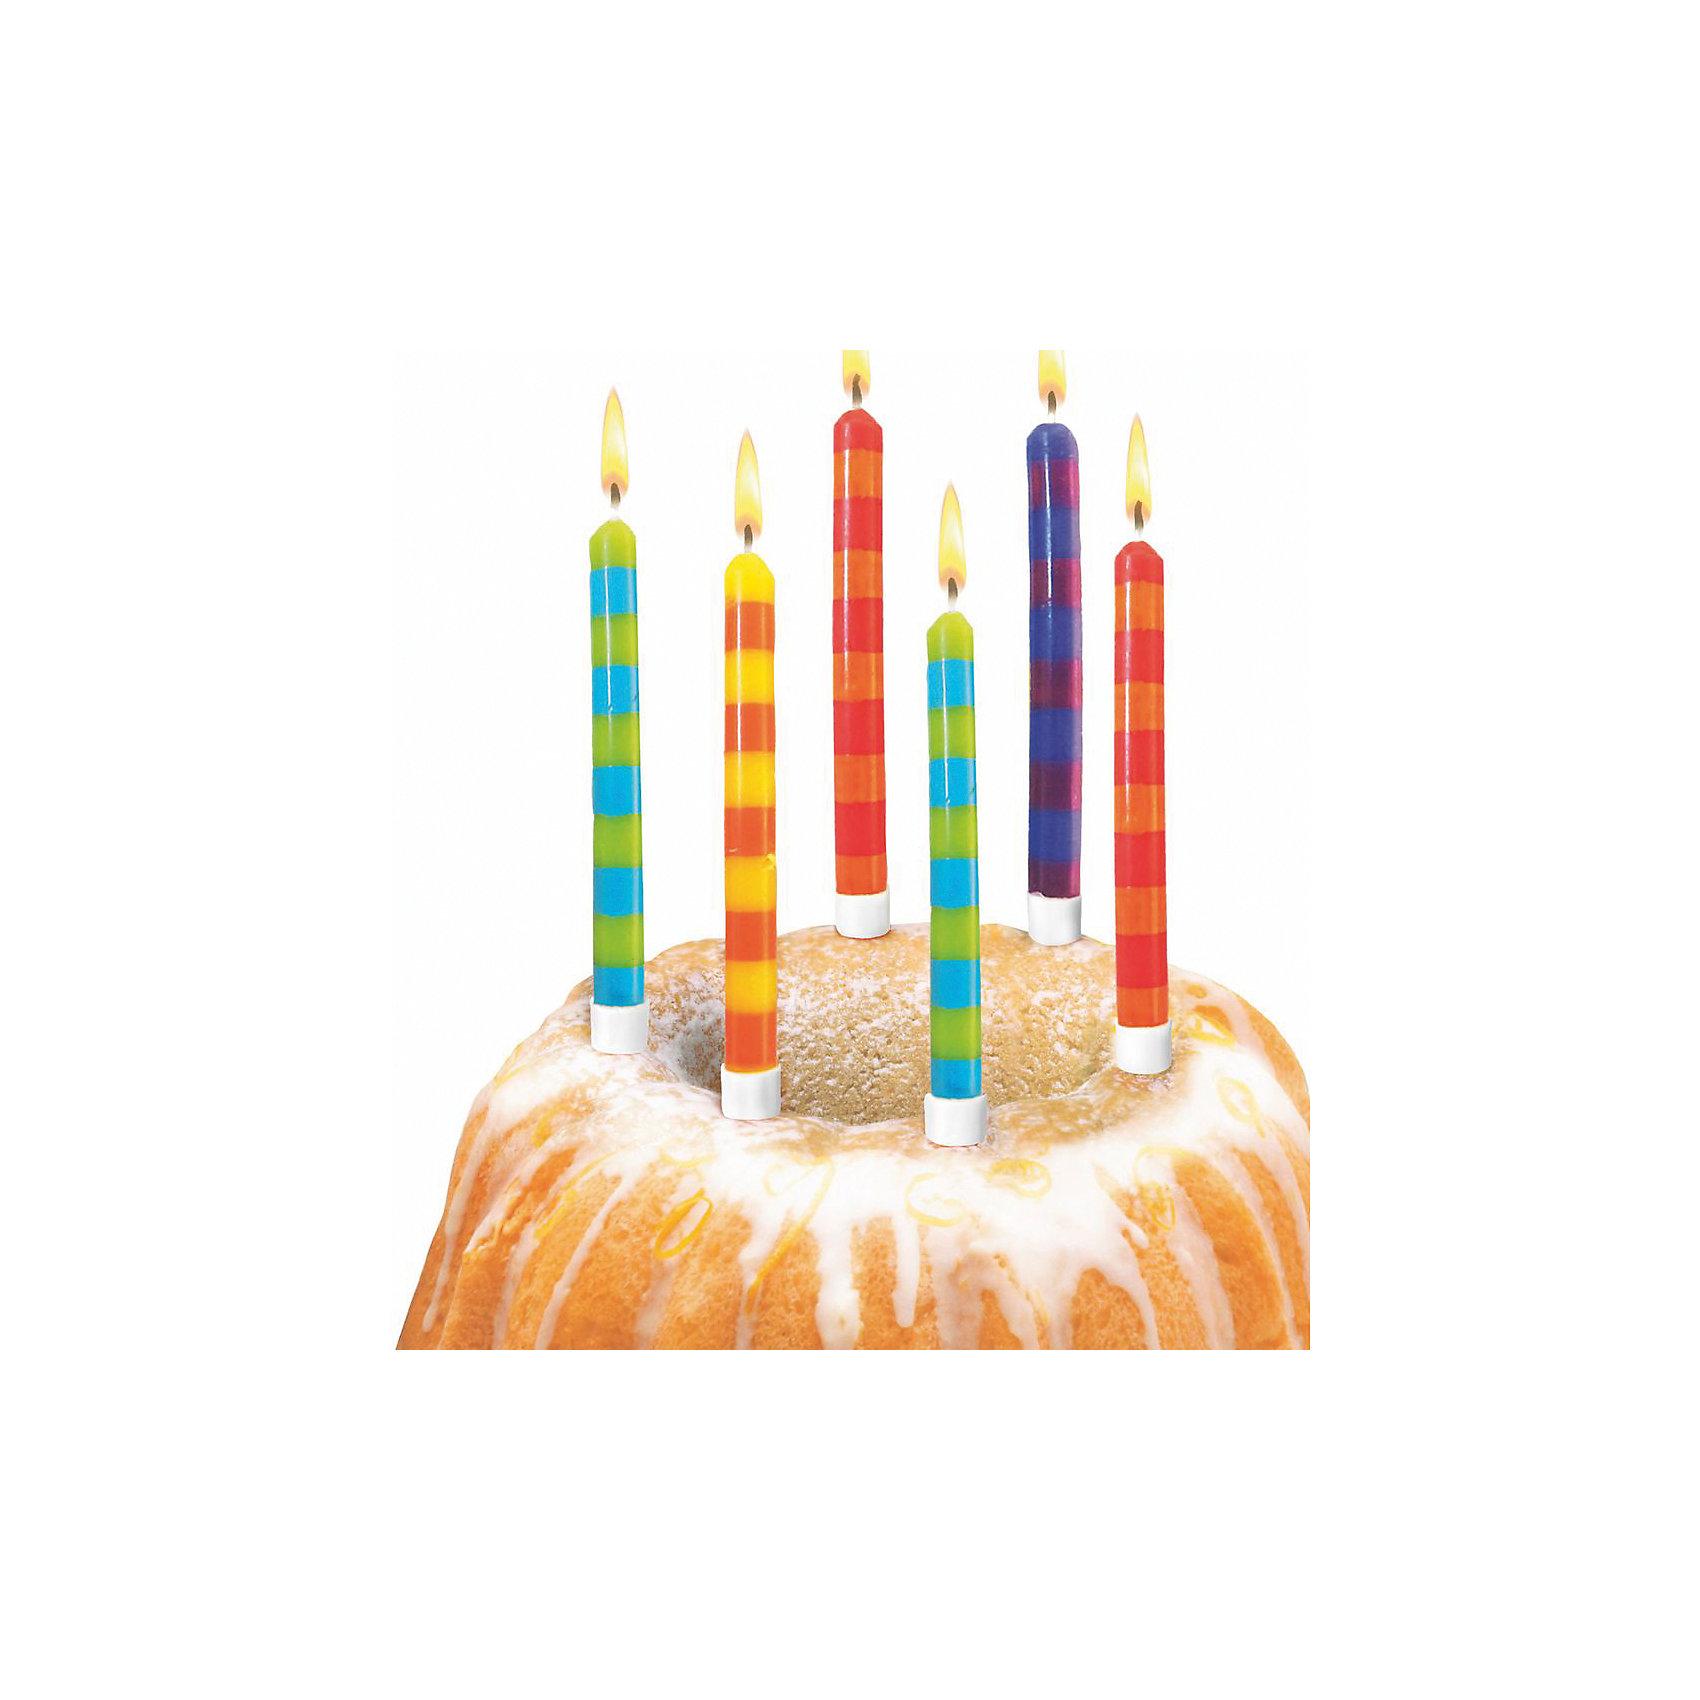 Свечи для торта в полоску, 12 шт, 12 подсвечн., парафин, блистерВсё для праздника<br>Характеристики товара:<br><br>• возраст: от 3 лет<br>• цвет: мульти<br>• размер упаковки: 9х2х20 см<br>• комплектация: 12 свечей, 12 подсвечников<br>• вес: 50 г<br>• страна бренда: Германия<br>• страна изготовитель: Германия<br><br>Ну что праздник без торта? А что за торт без свечек? Яркие свечи Herlitz для торта создадут атмосферу праздника и подарят массу положительных эмоций.<br><br>Изделие произведено из безопасного для детей материала.<br><br>Свечи для торта в полоску, 12 шт, 12 подсвечн., парафин, блистер, от бренда Herlitz (Херлиц) можно купить в нашем интернет-магазине.<br><br>Ширина мм: 17<br>Глубина мм: 90<br>Высота мм: 200<br>Вес г: 50<br>Возраст от месяцев: 36<br>Возраст до месяцев: 2147483647<br>Пол: Унисекс<br>Возраст: Детский<br>SKU: 6886483